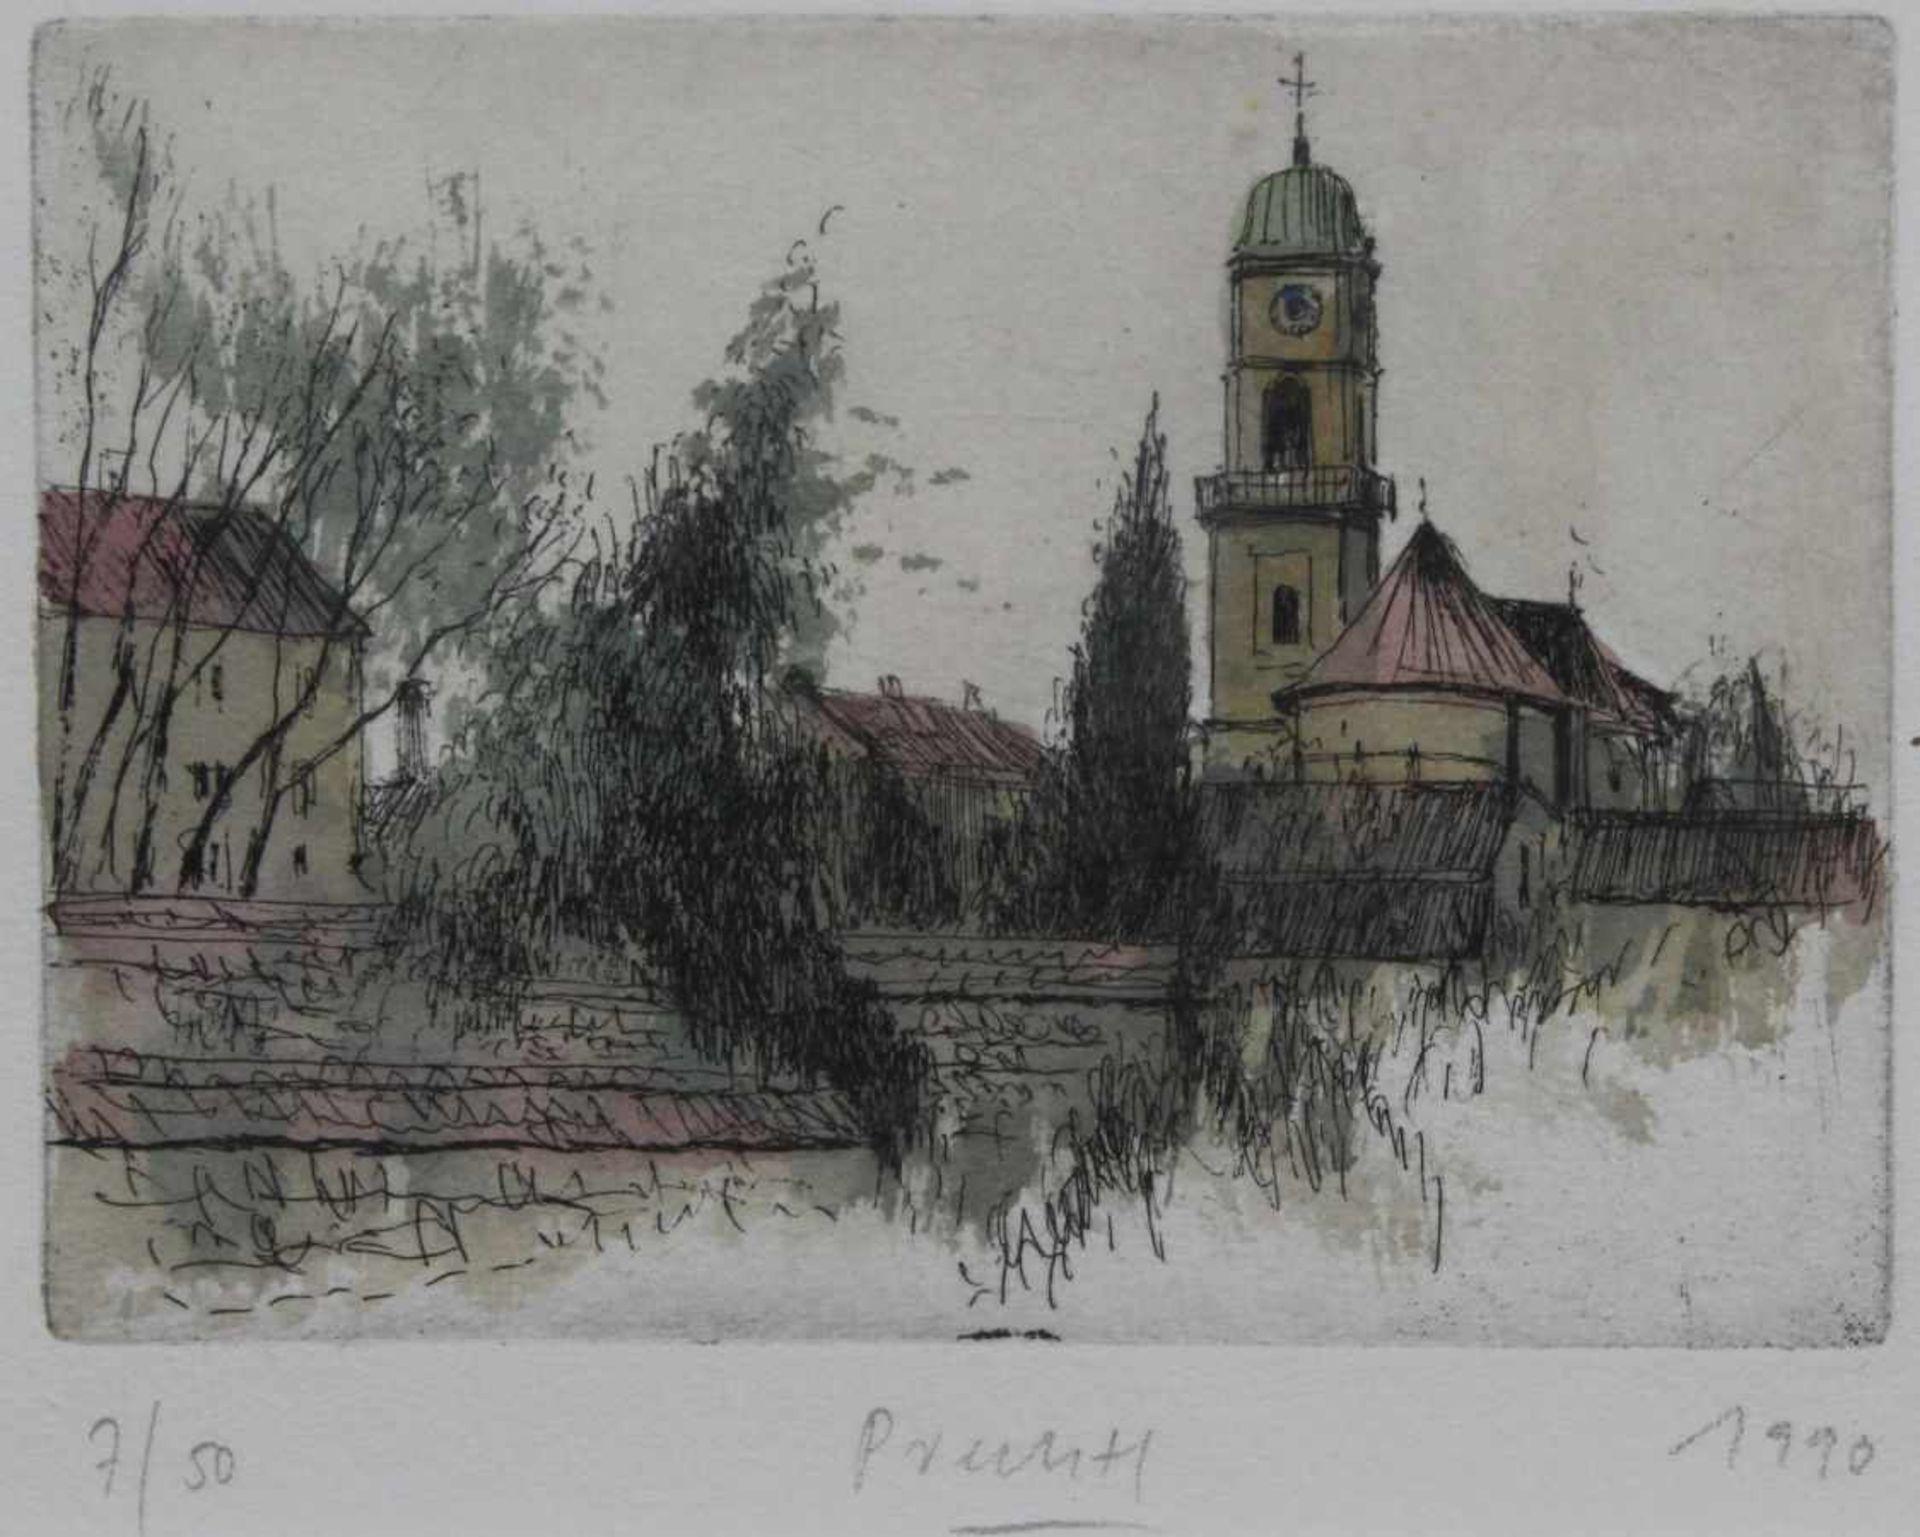 """Los 4 - Radierung - Gerhard M. Prechtl (1951 Regensburg) """"Stadtamhof mit St. Mang"""", u.M. signiert, datiert"""